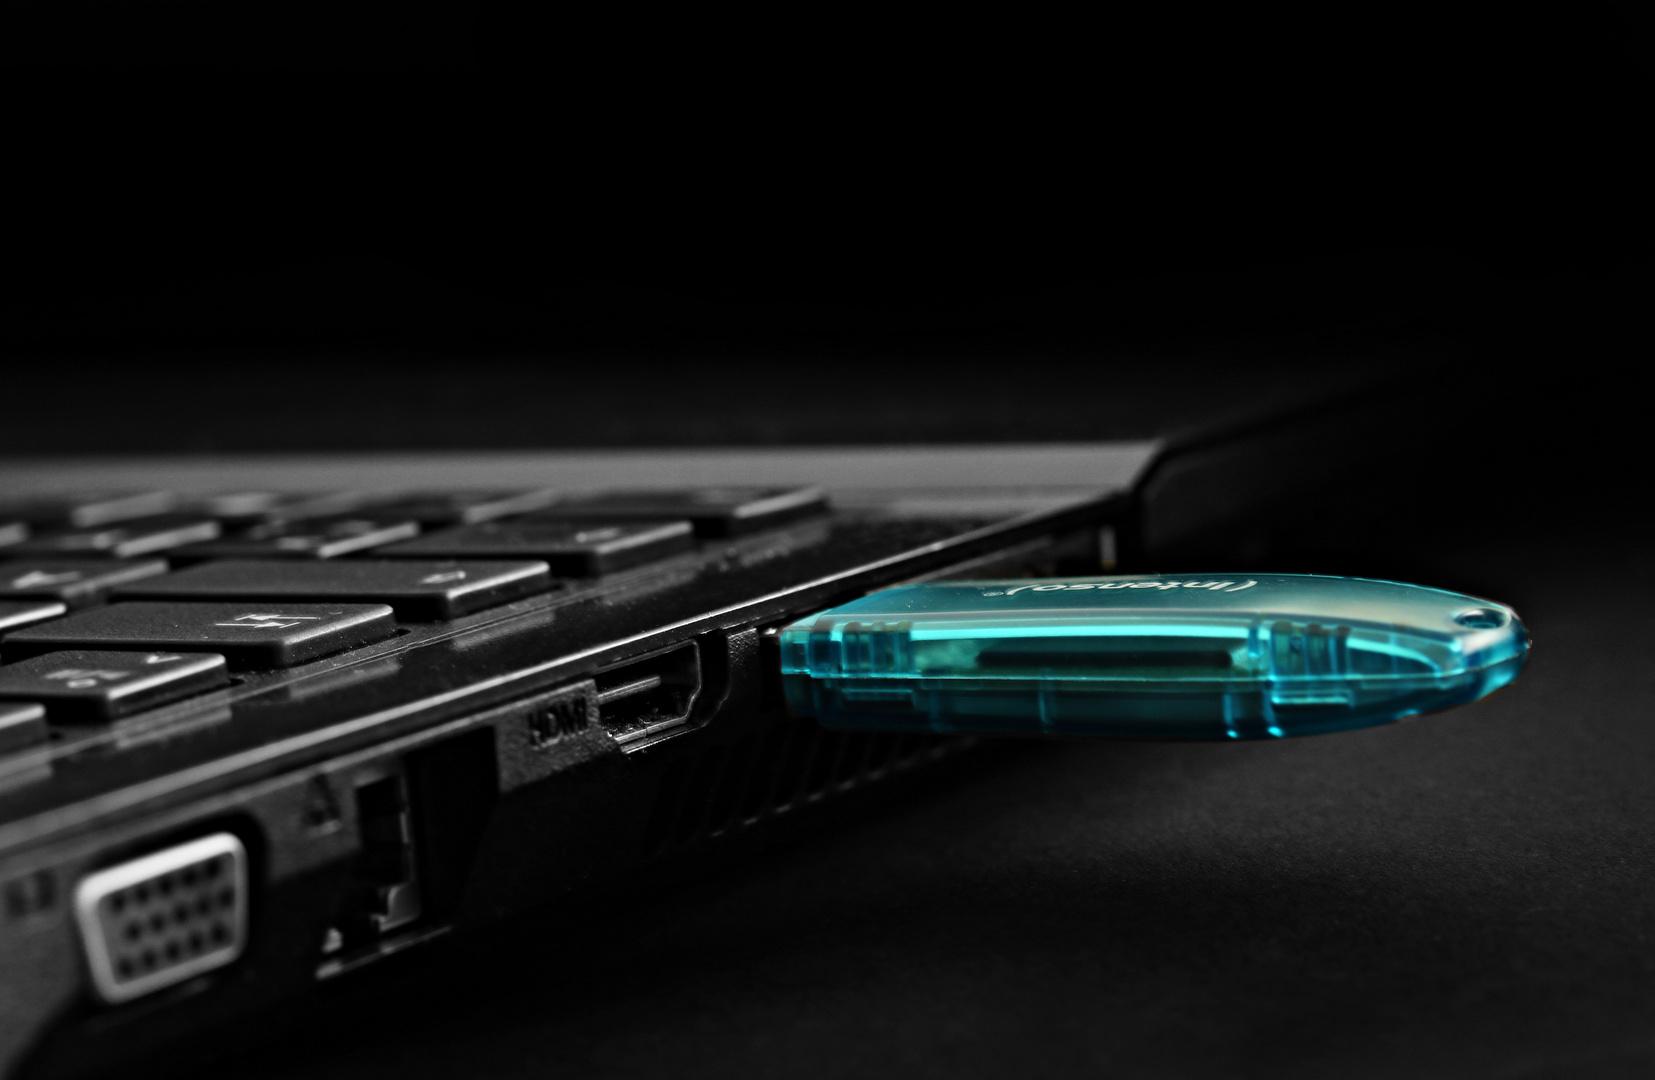 Eingang zur digitalen Welt